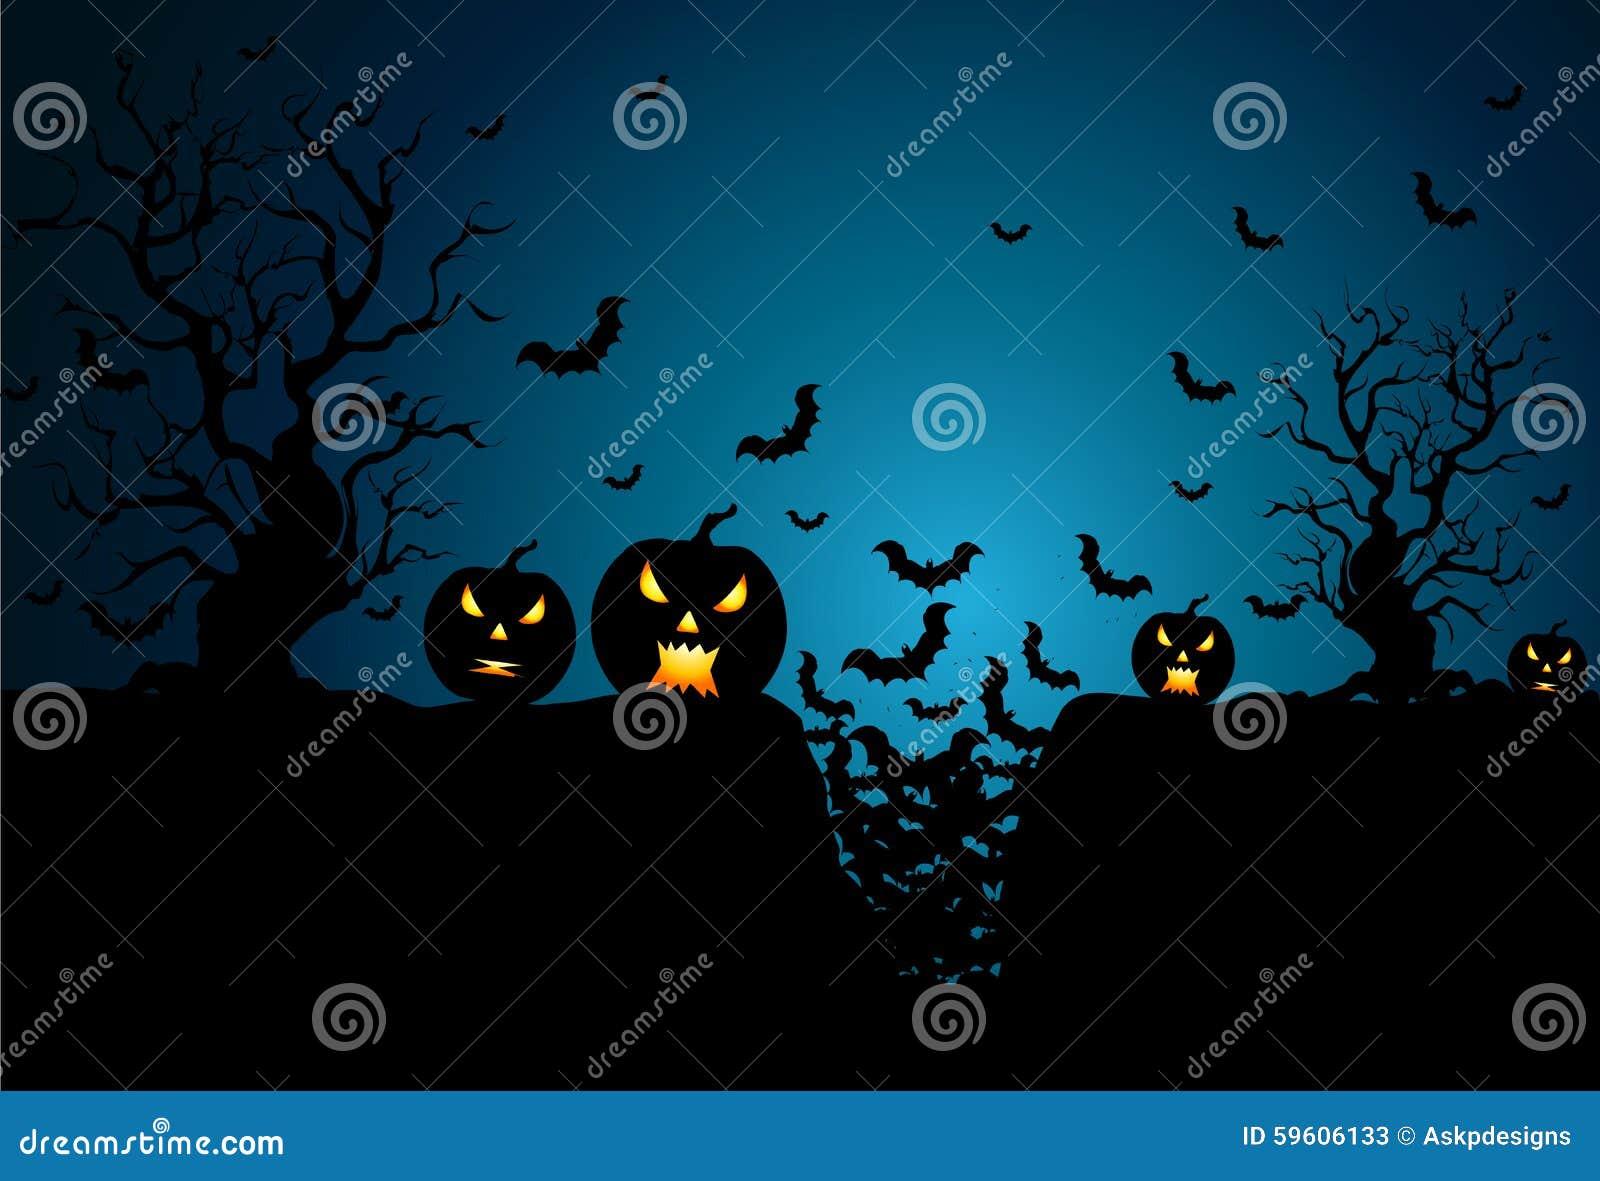 Hintergrund für Halloween-Feiern